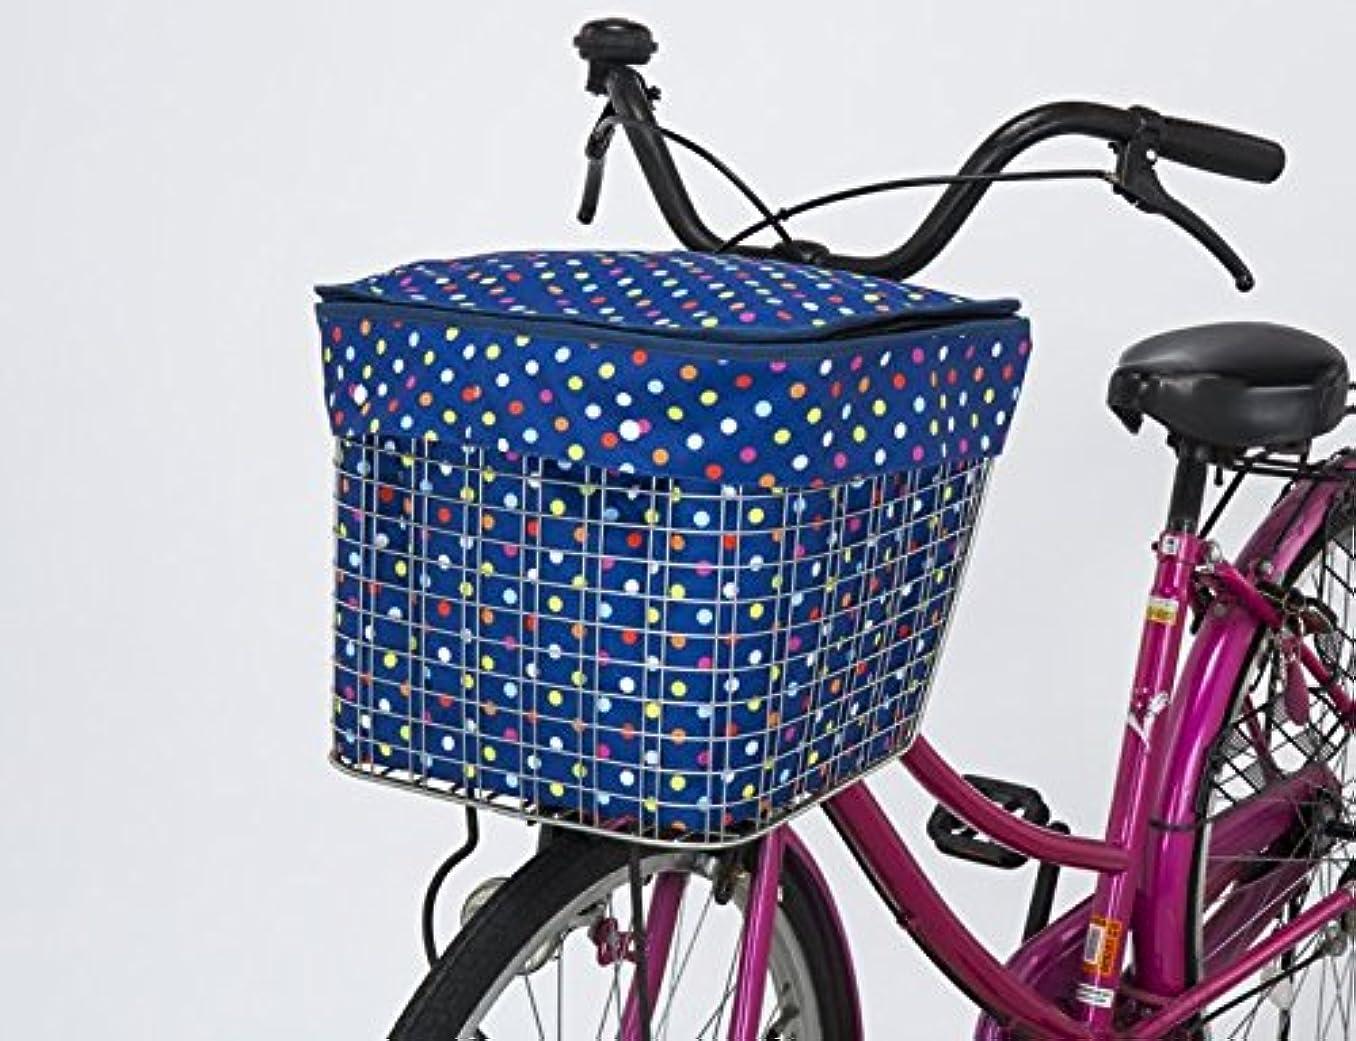 追い越すレガシーピックアストロ 自転車前かごカバー 保冷機能付き ドット柄 保冷しながら防犯対策できます! 612-07